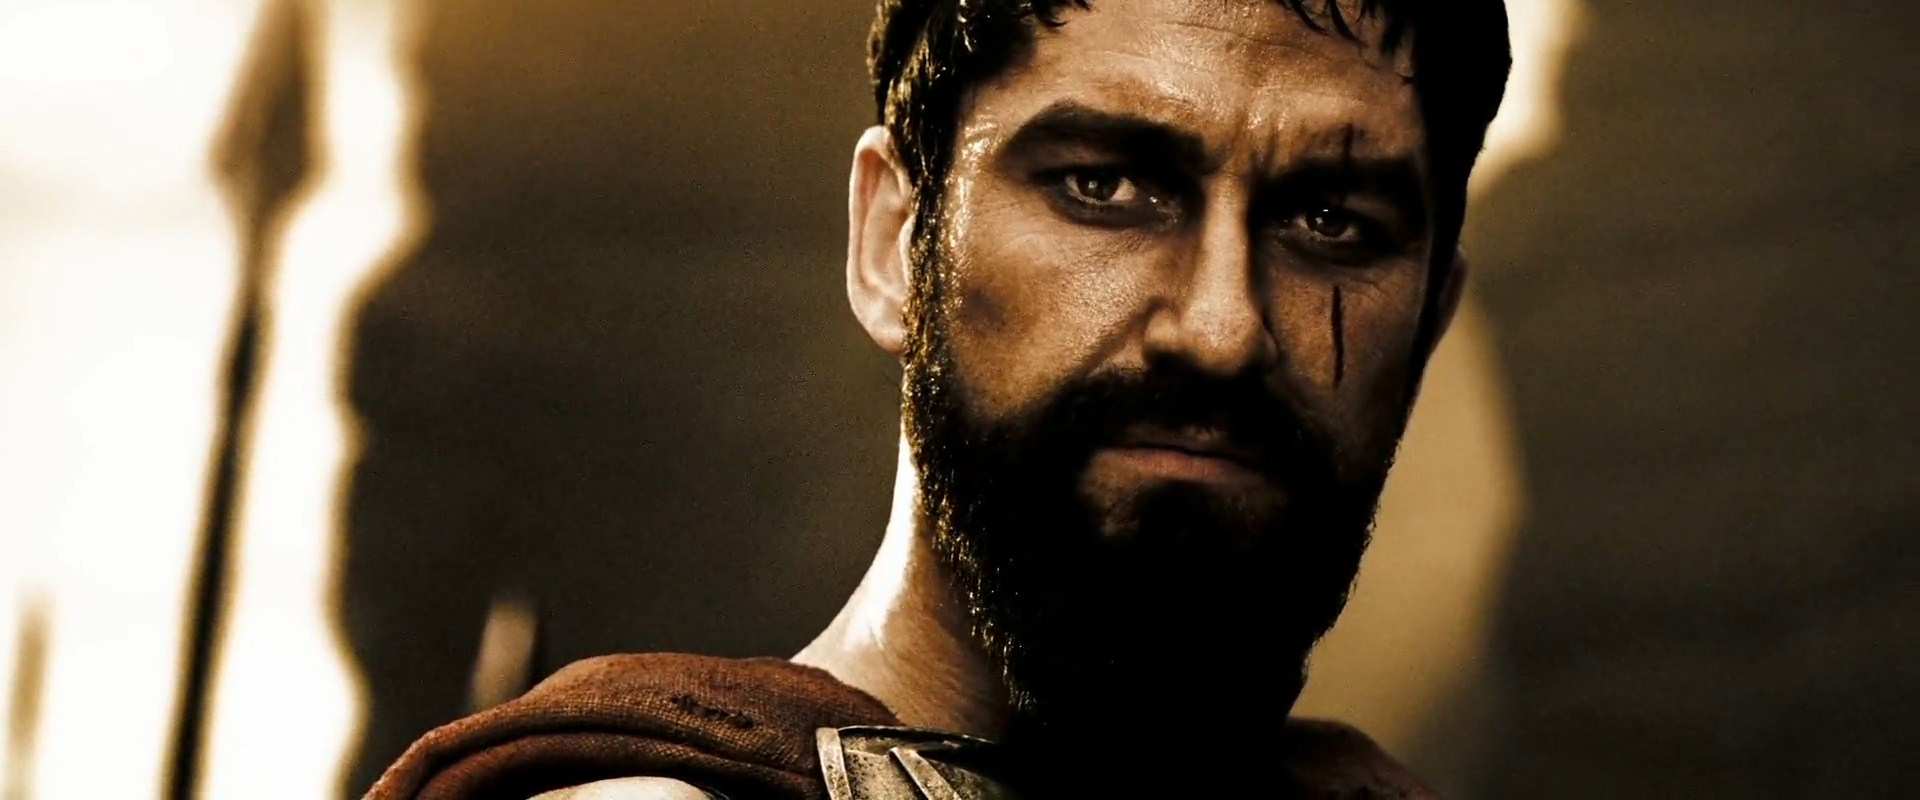 300 Spartalı filmi görselleri